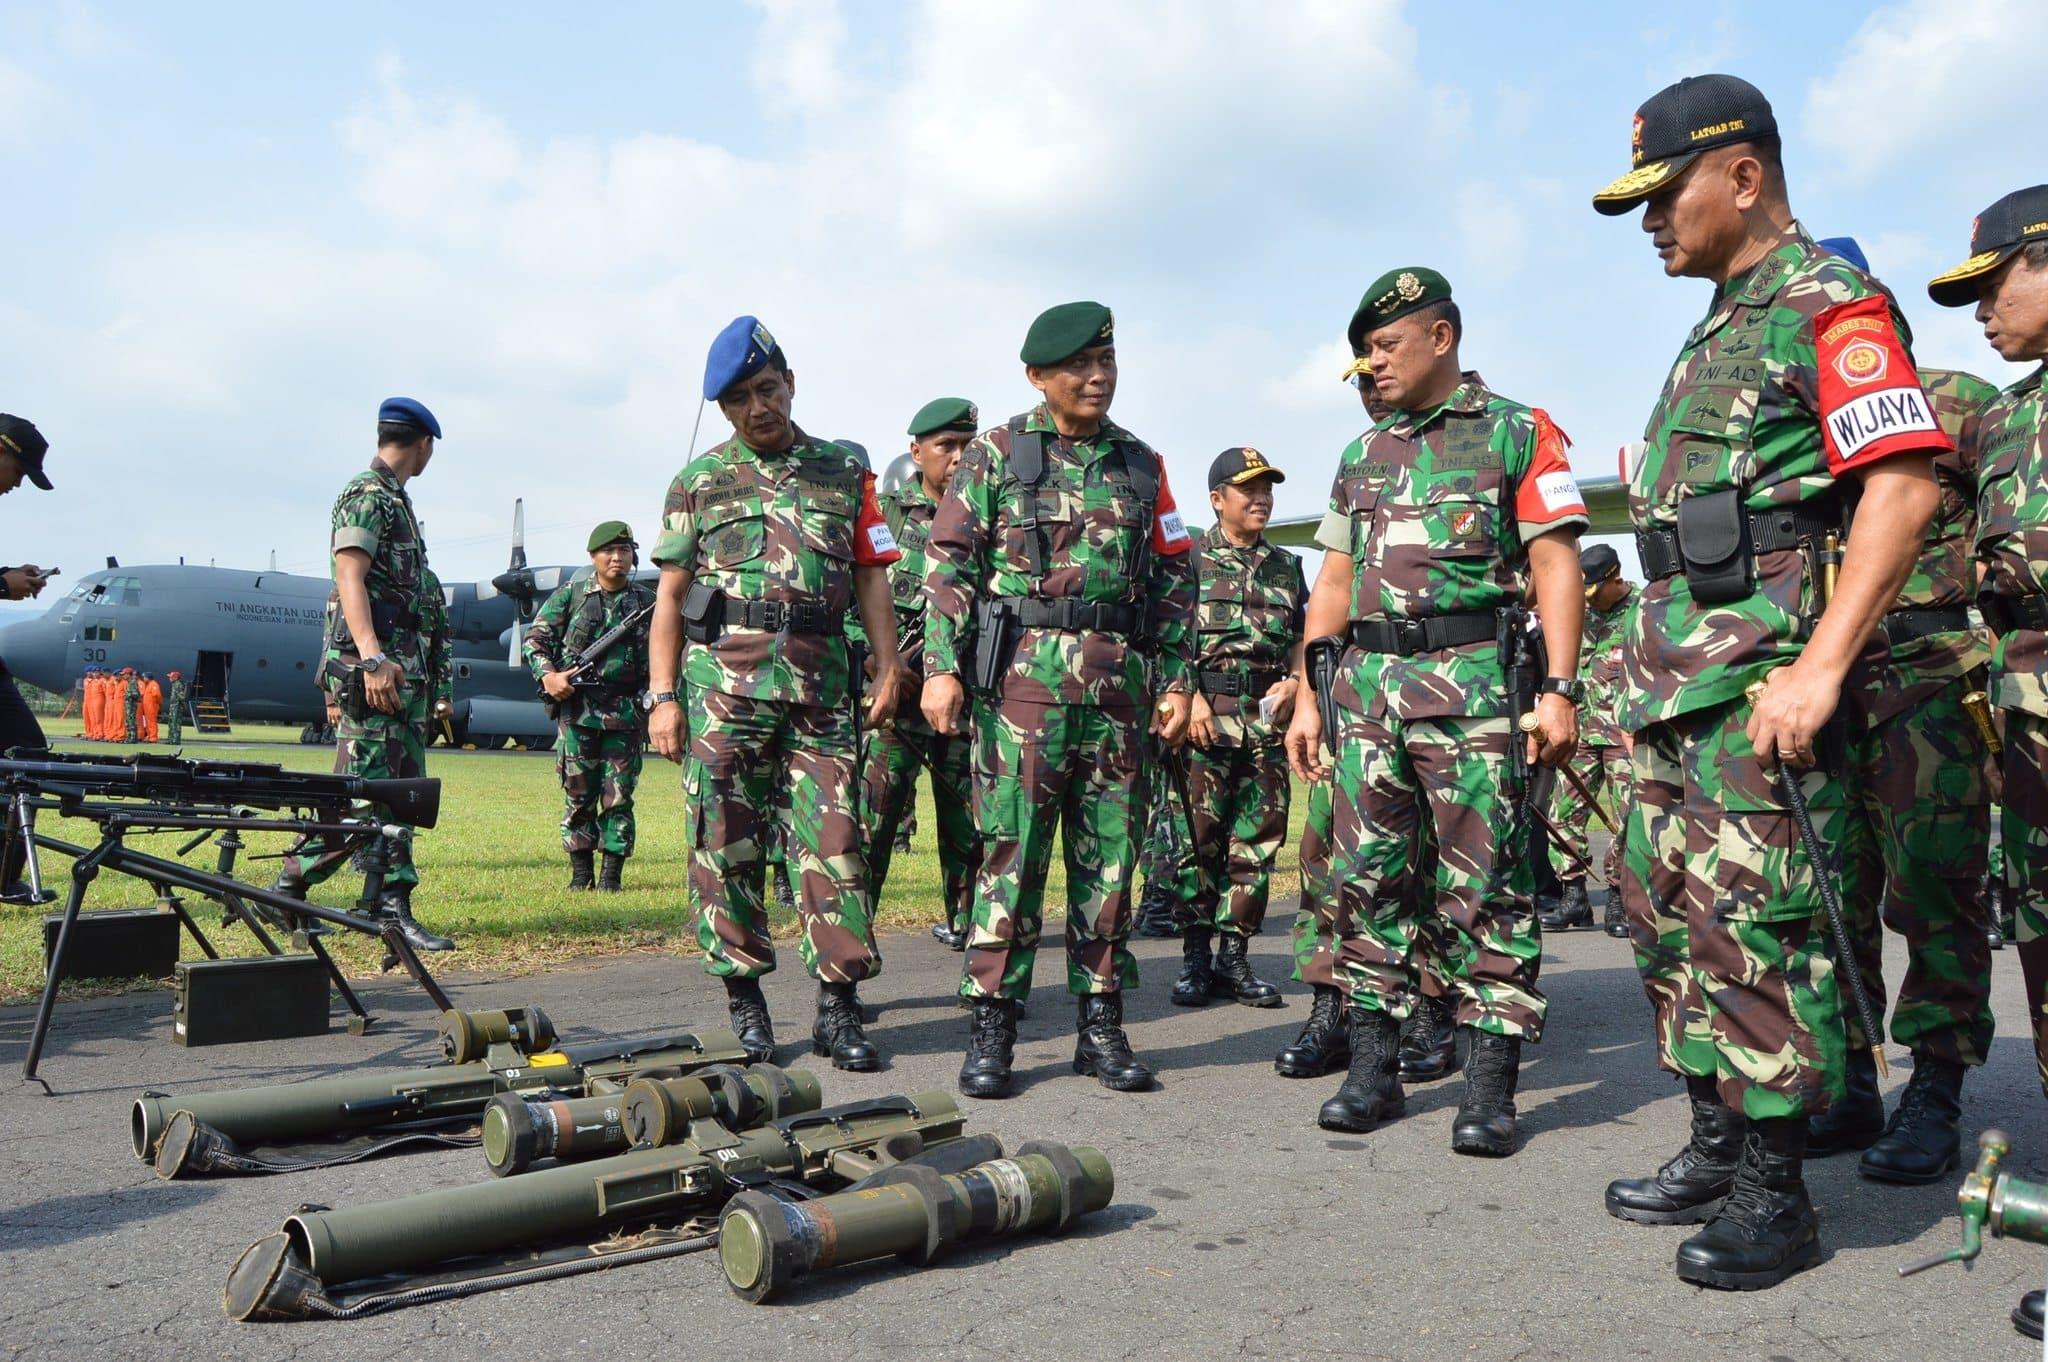 UPACARA PEMBUKAAN GLADI LATIHAN GABUNGAN TNI 2014 27-5-14 (7)